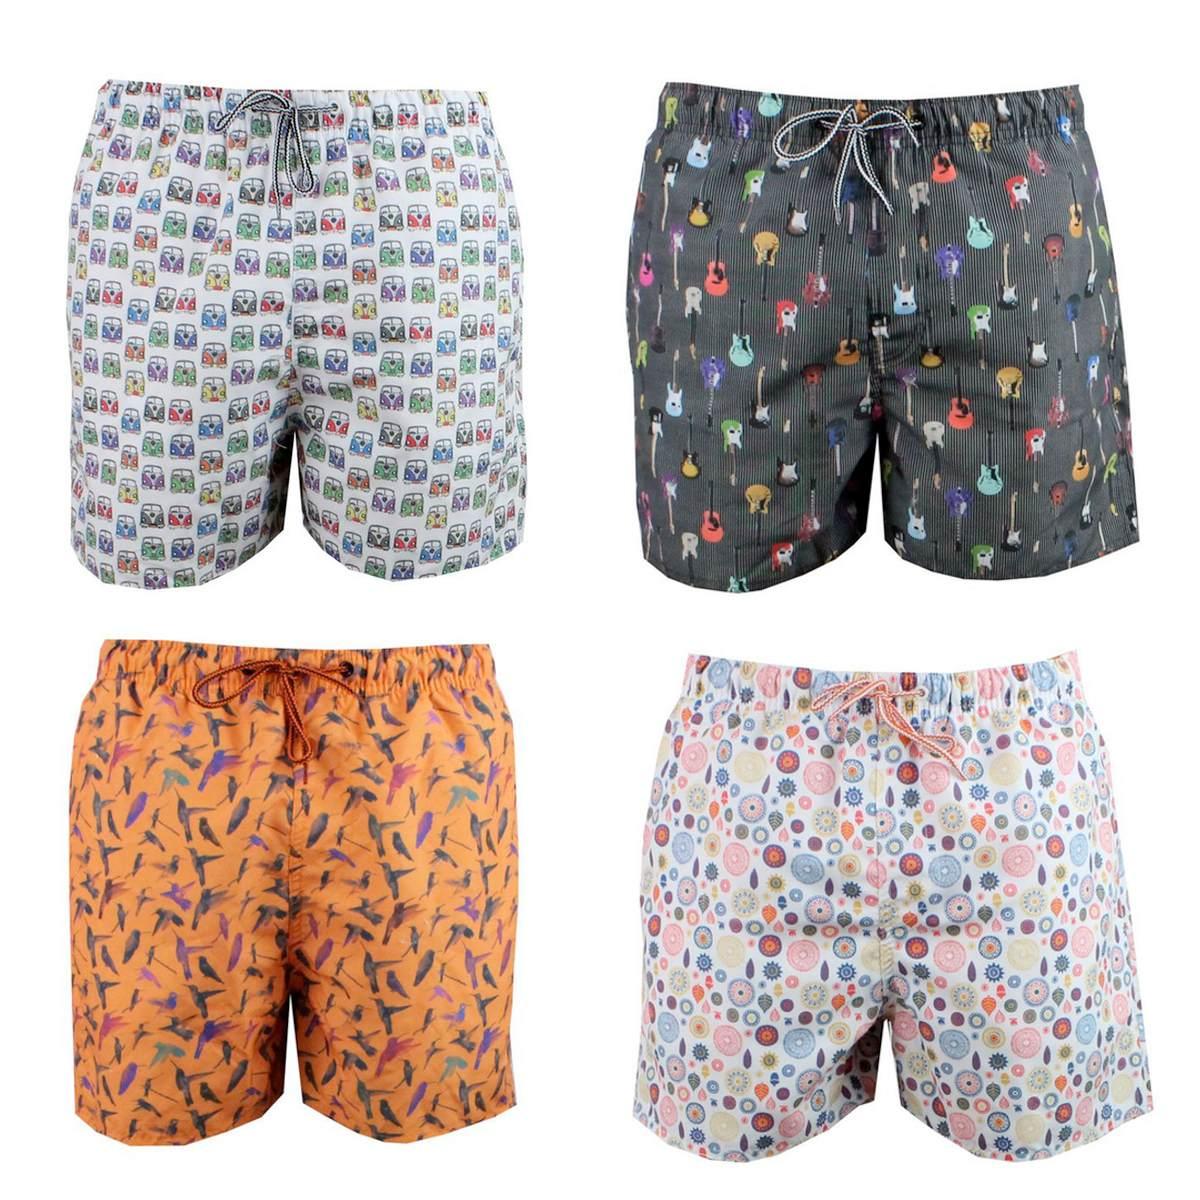 Claudio Lugli swim shorts